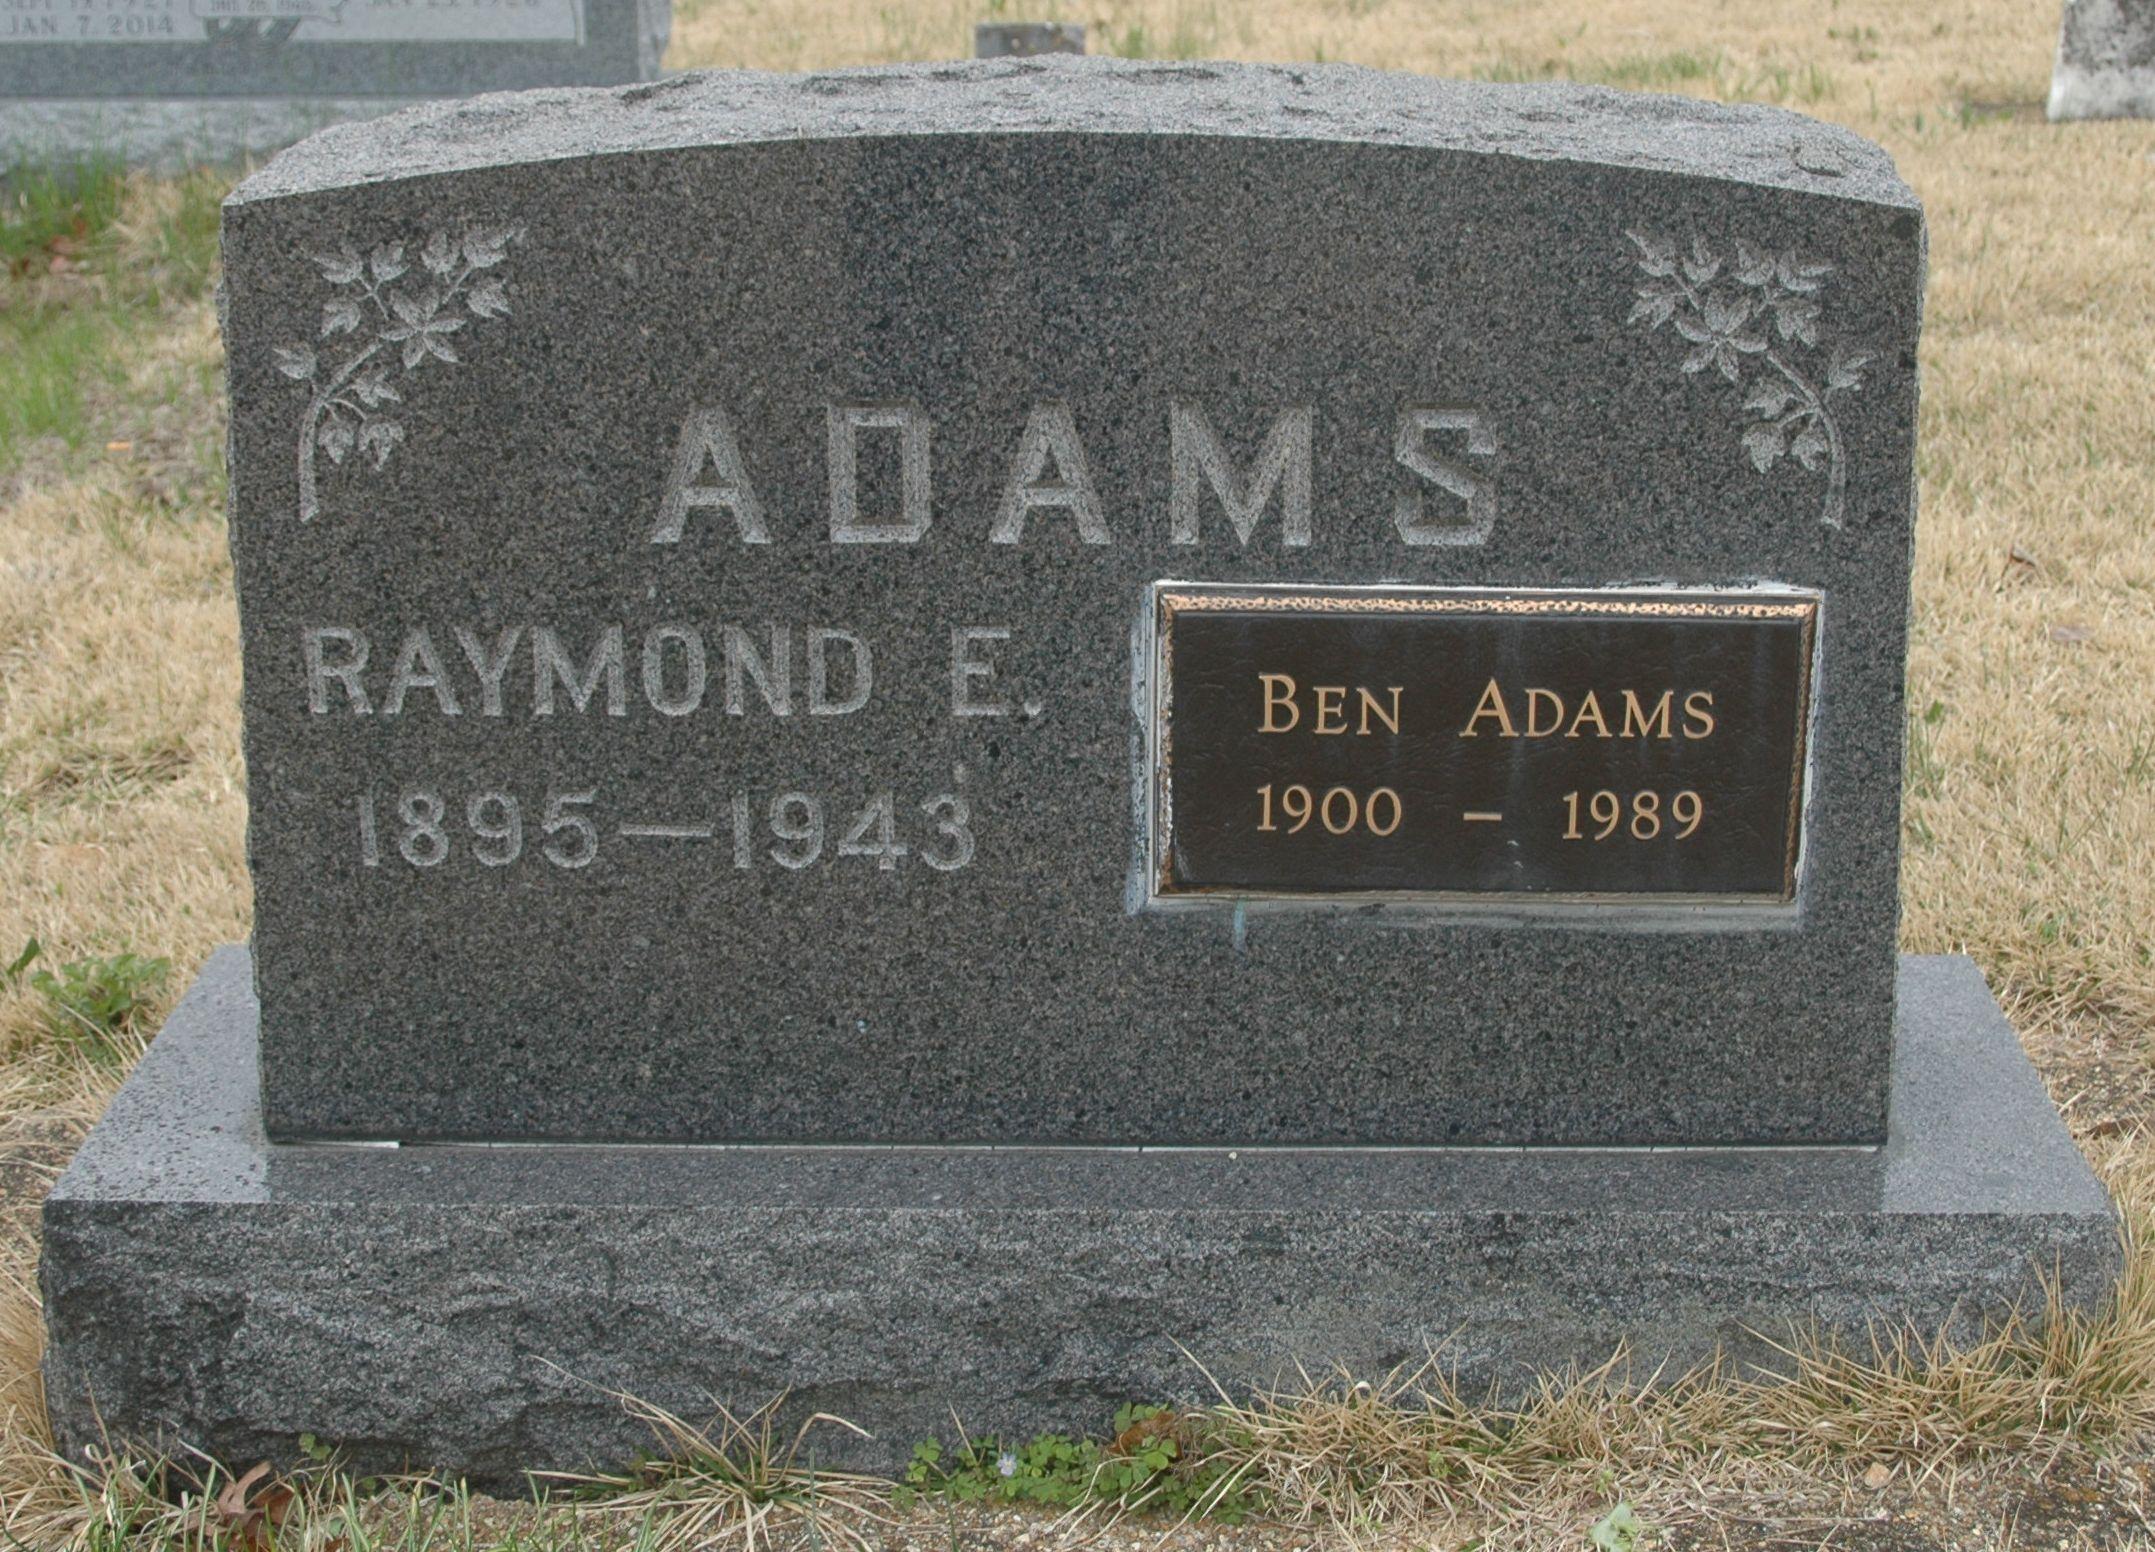 Raymond Edward Adams